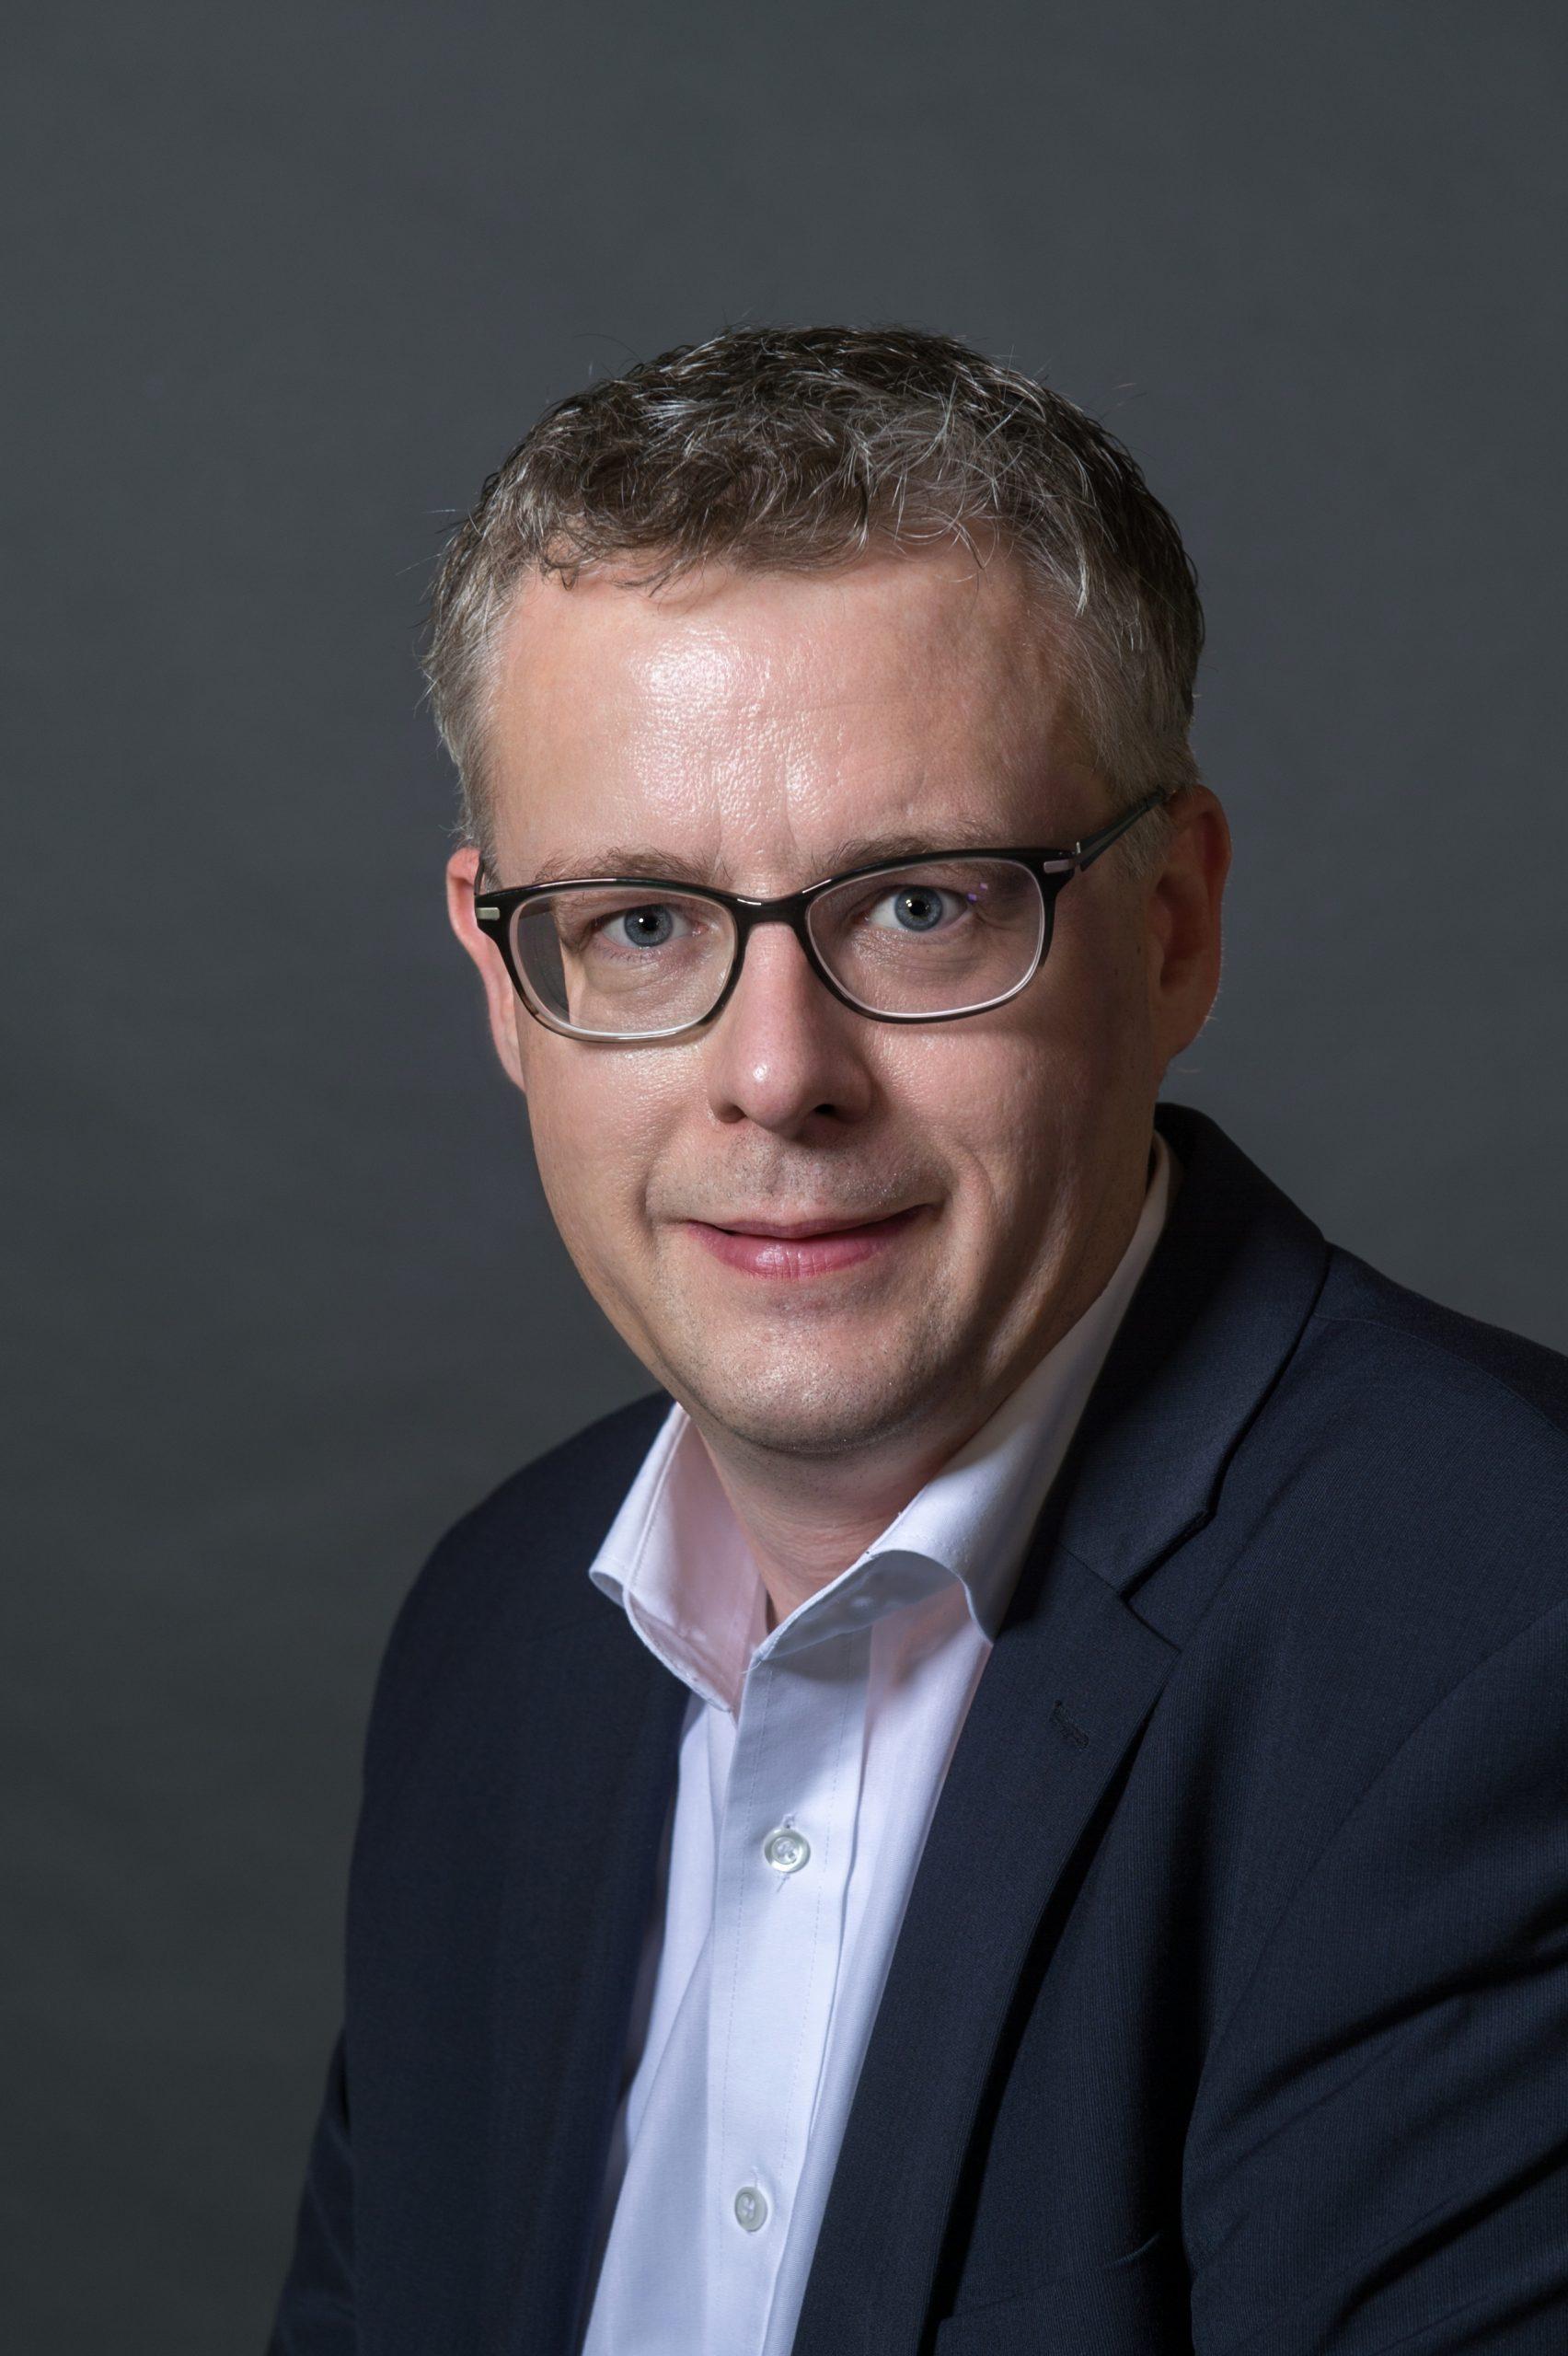 Matthias Dittel